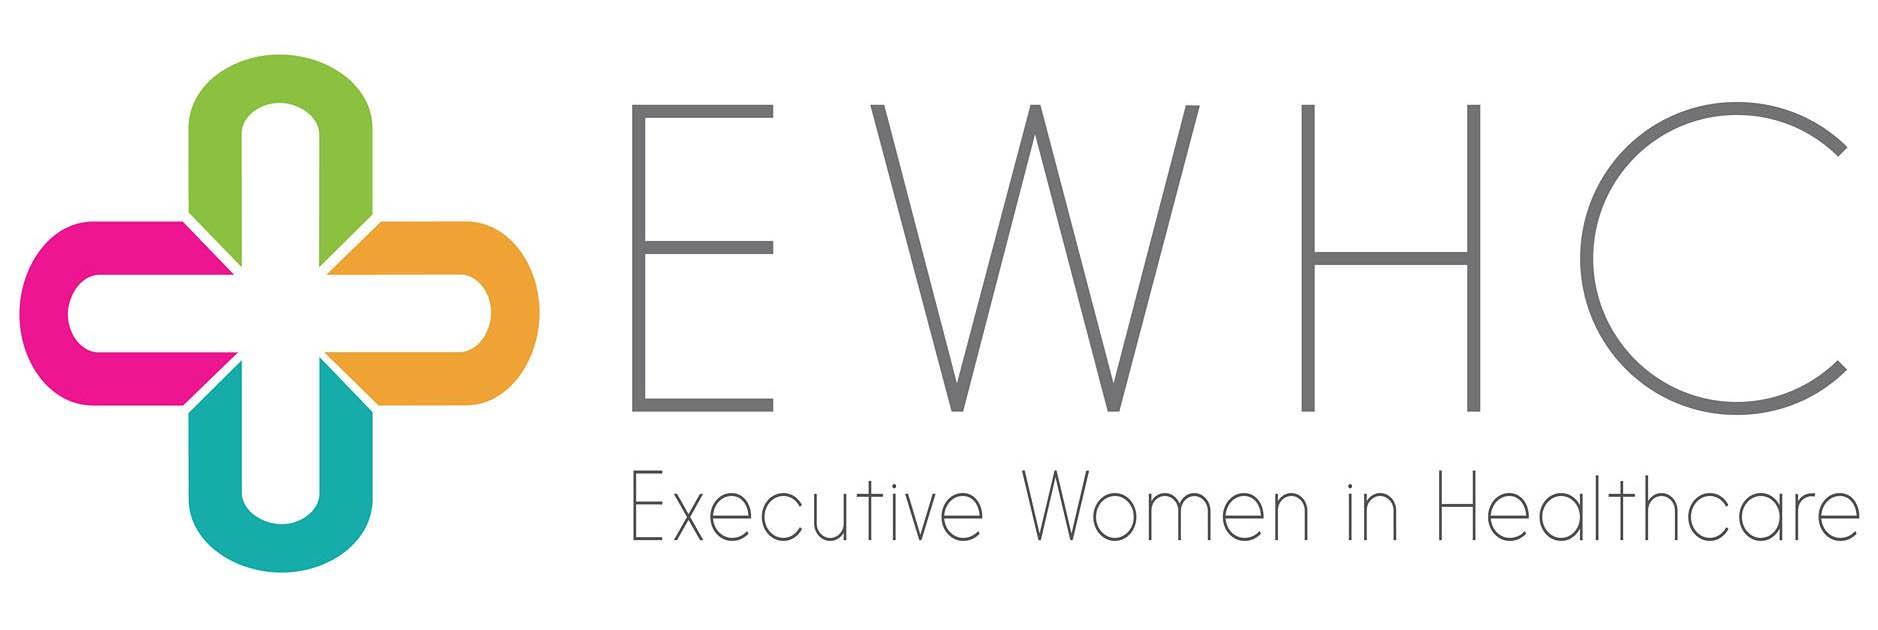 Executive Women in Healthcare -logo